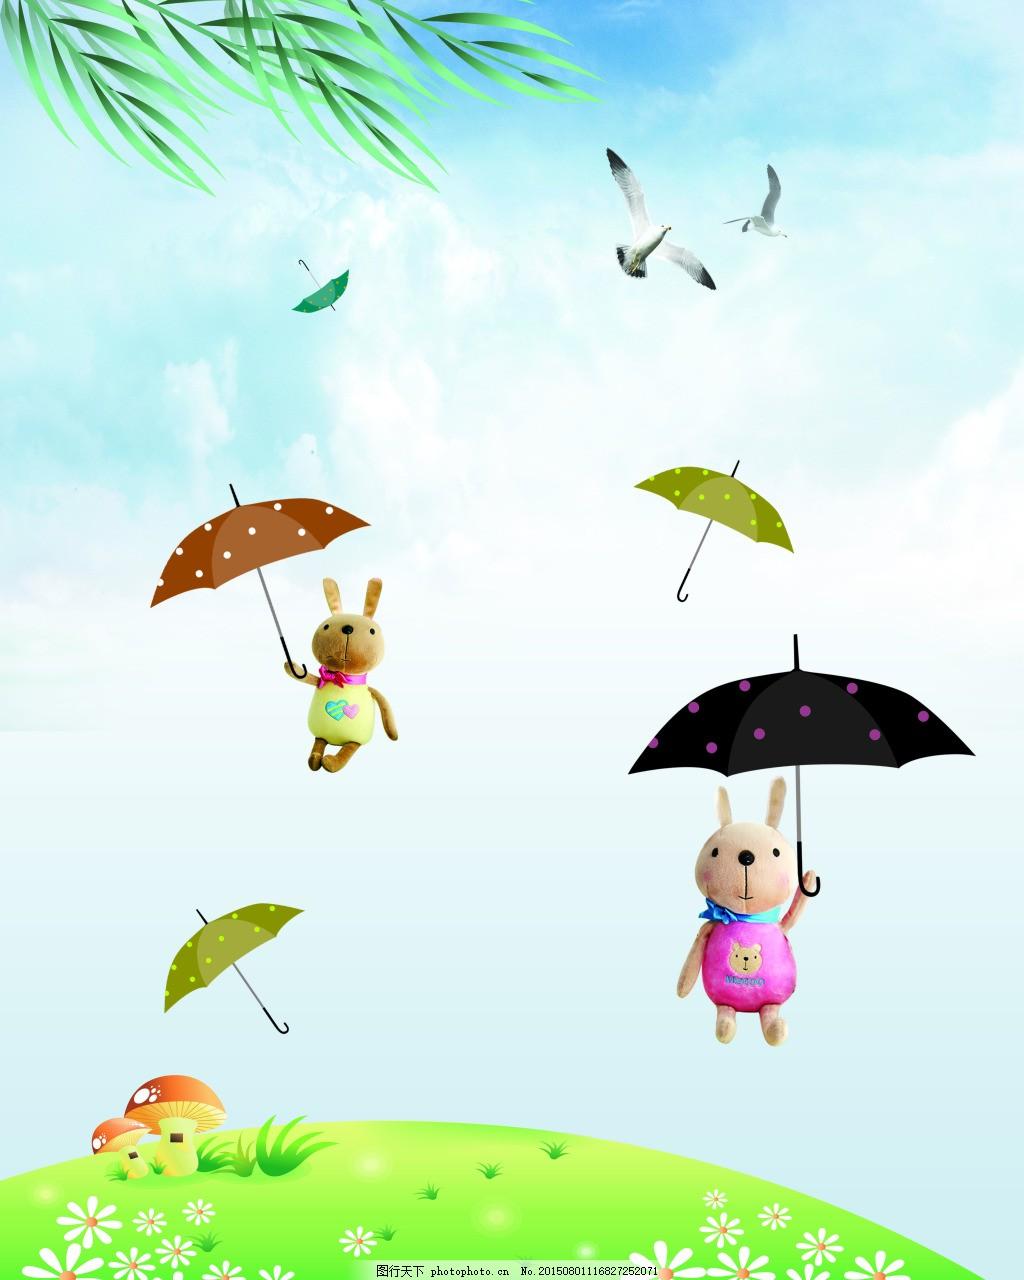 可爱的小兔子 降落伞 环境美好 可爱兔子     白色 jpg